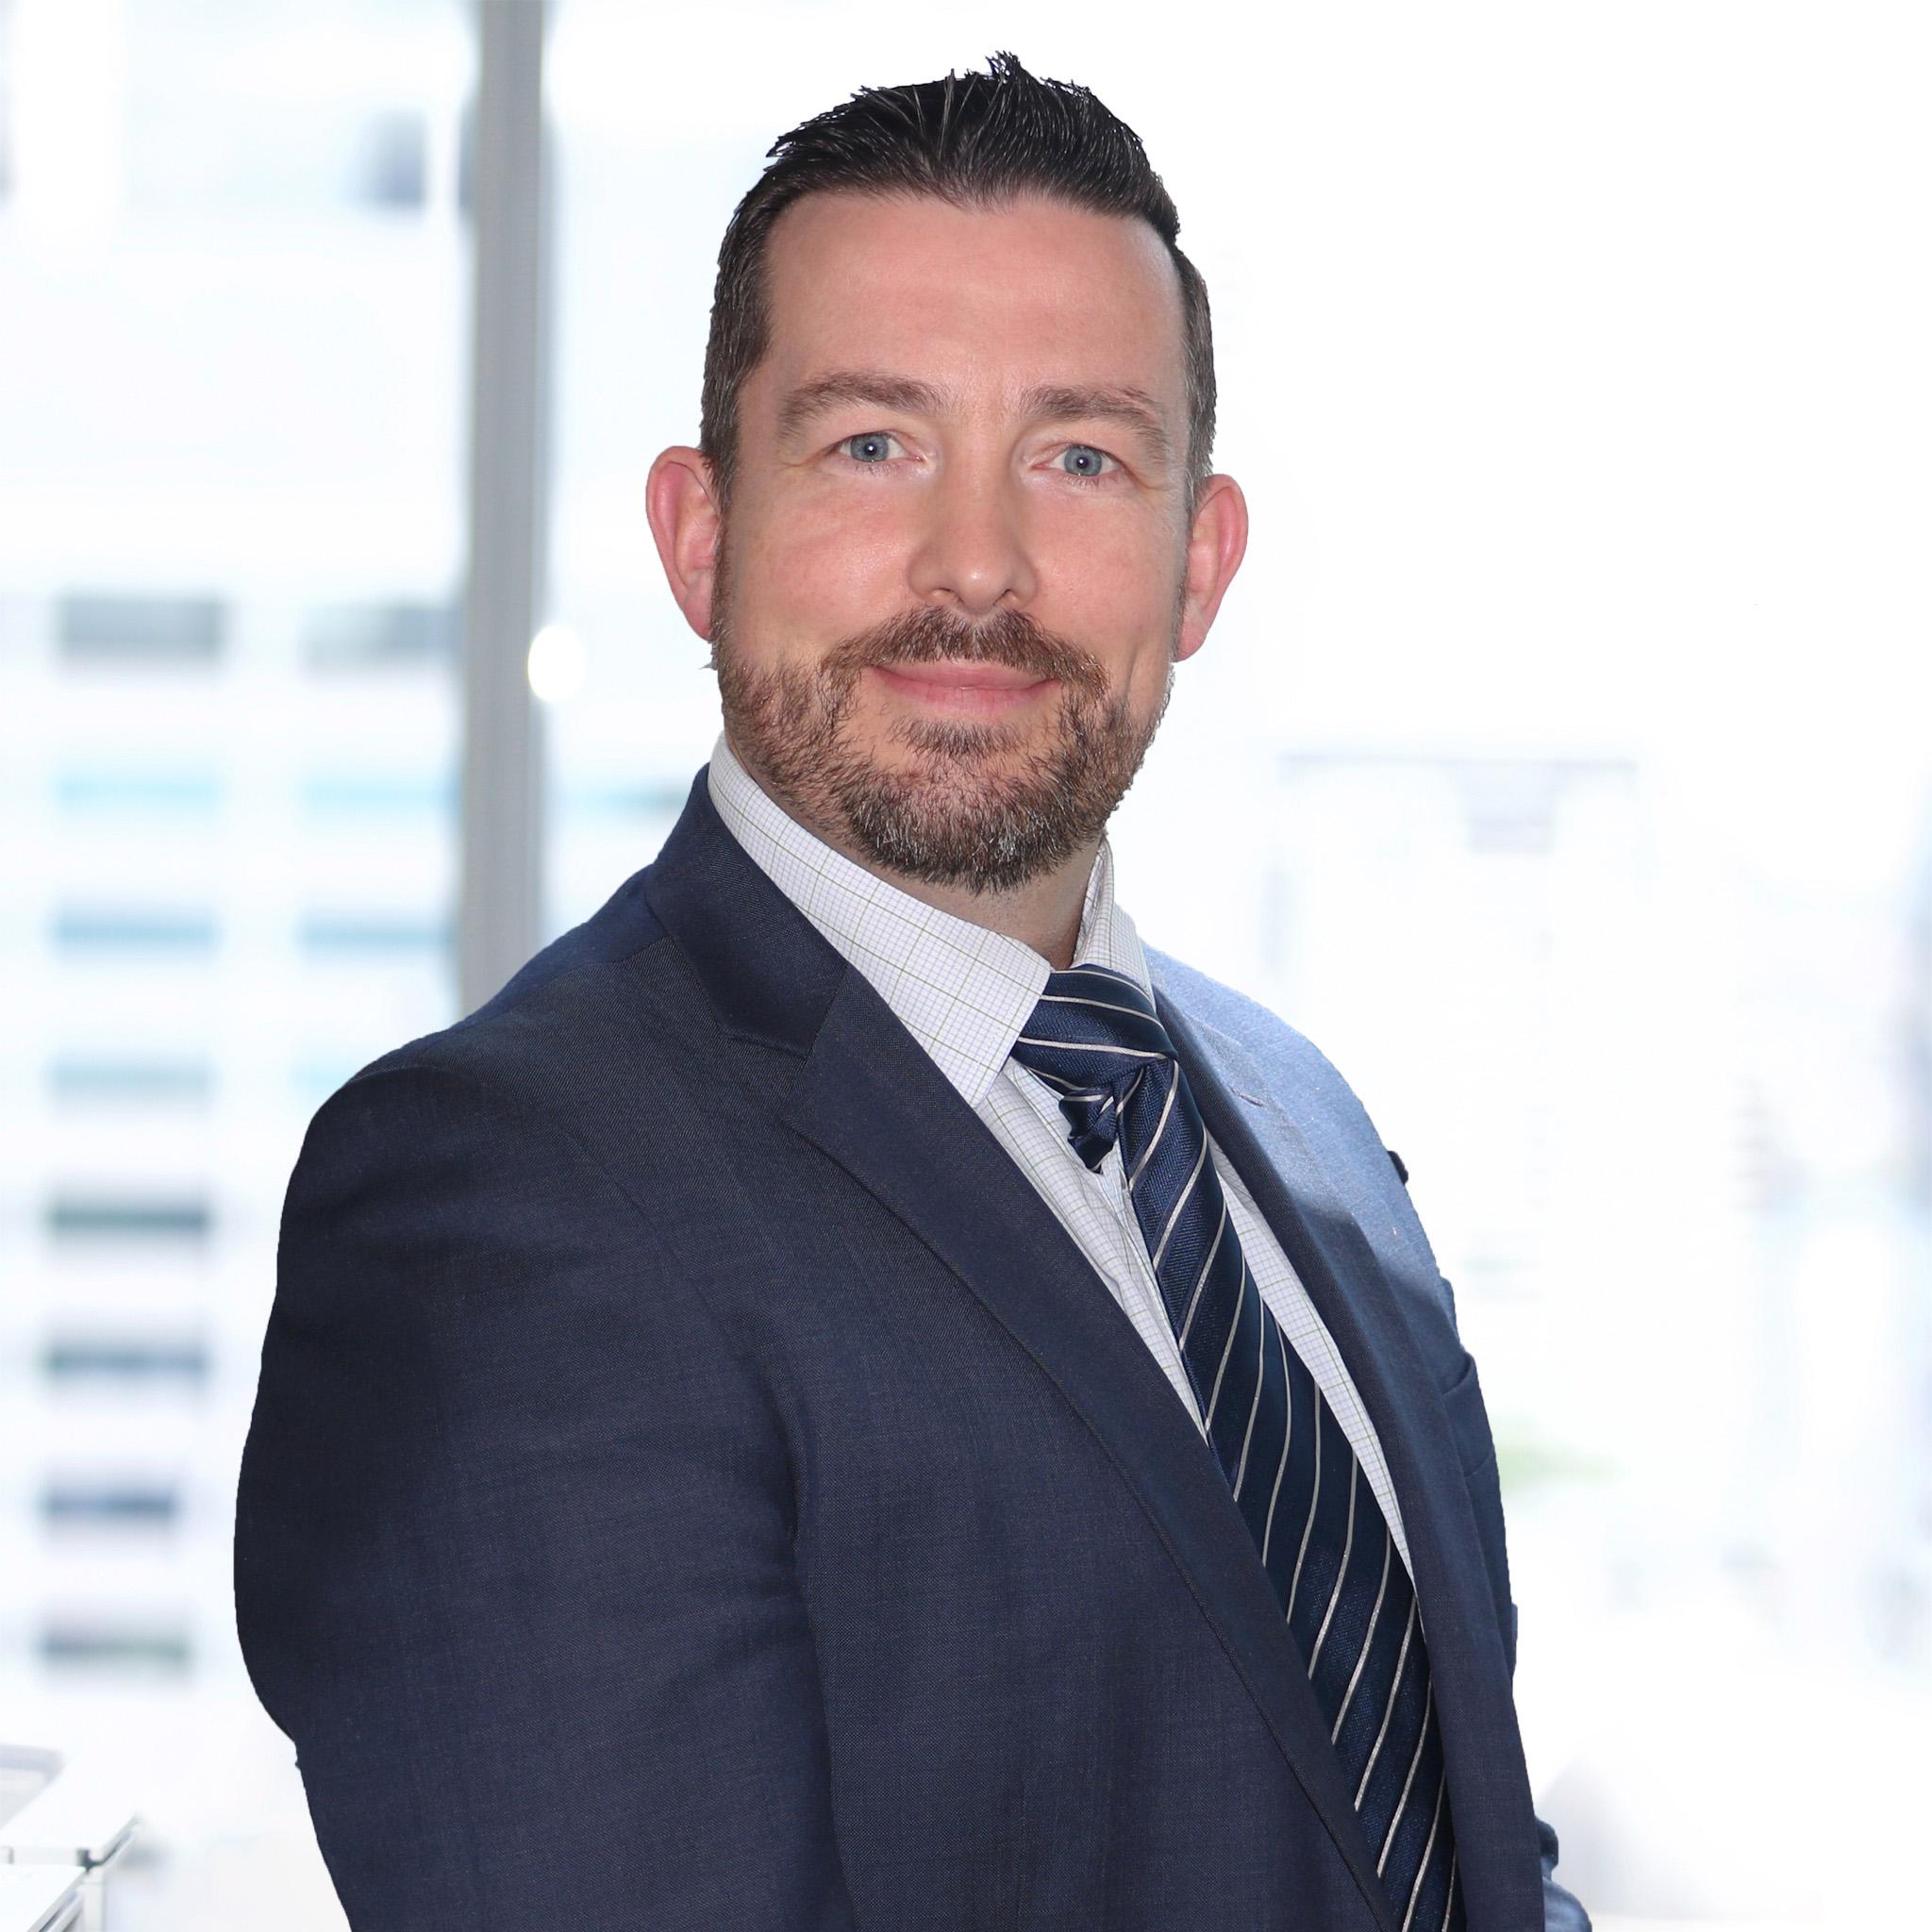 Derek Shearer - Chief Operating Officer